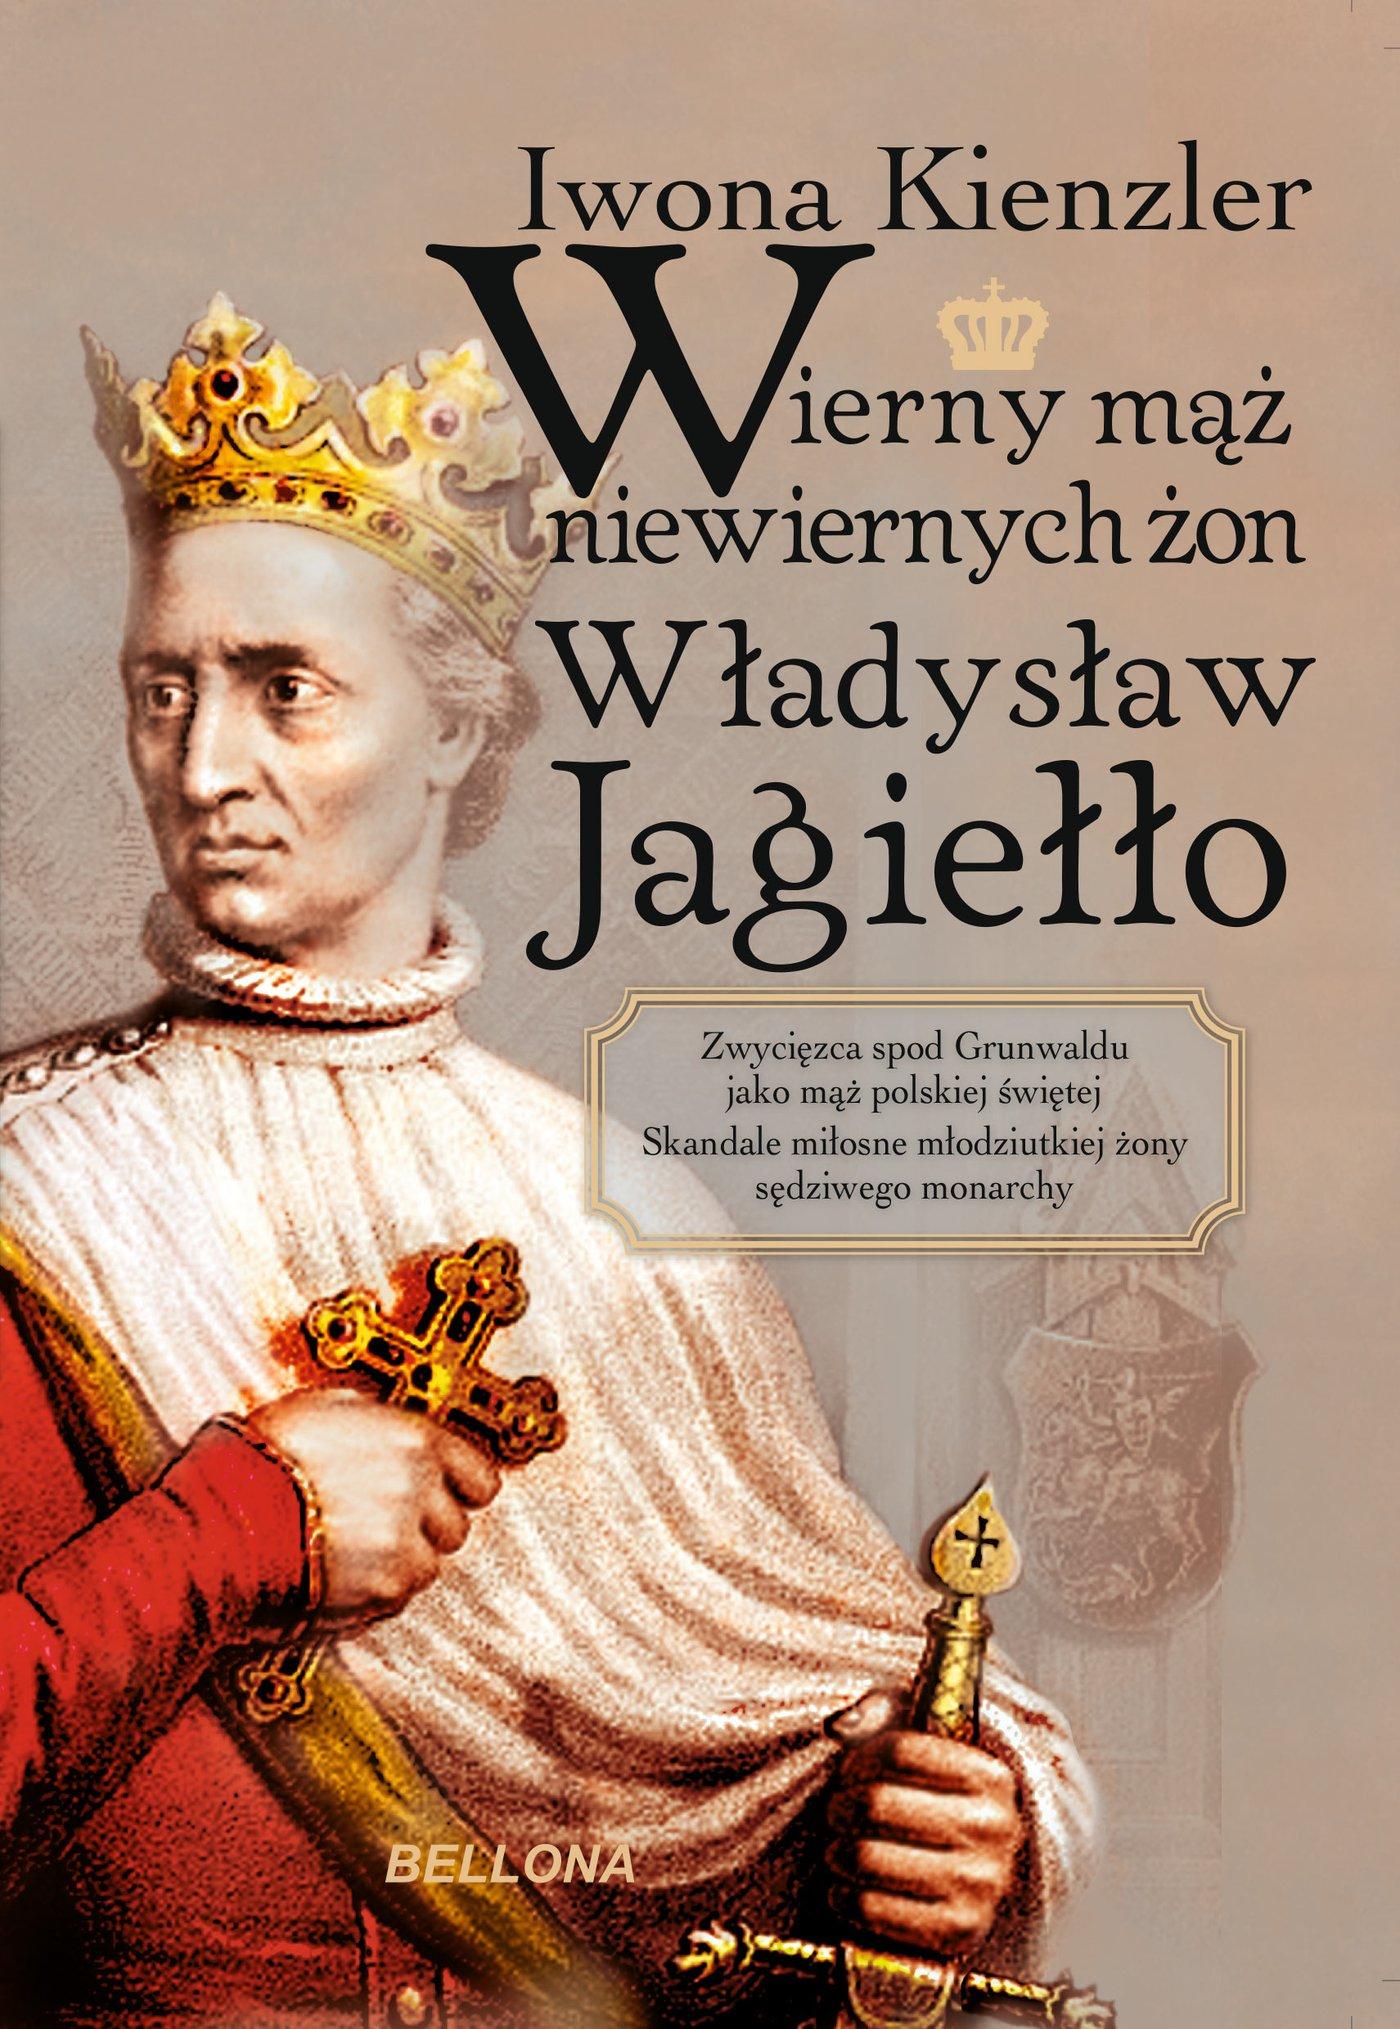 Wierny mąż niewiernych żon Władysław Jagiełło - Ebook (Książka na Kindle) do pobrania w formacie MOBI